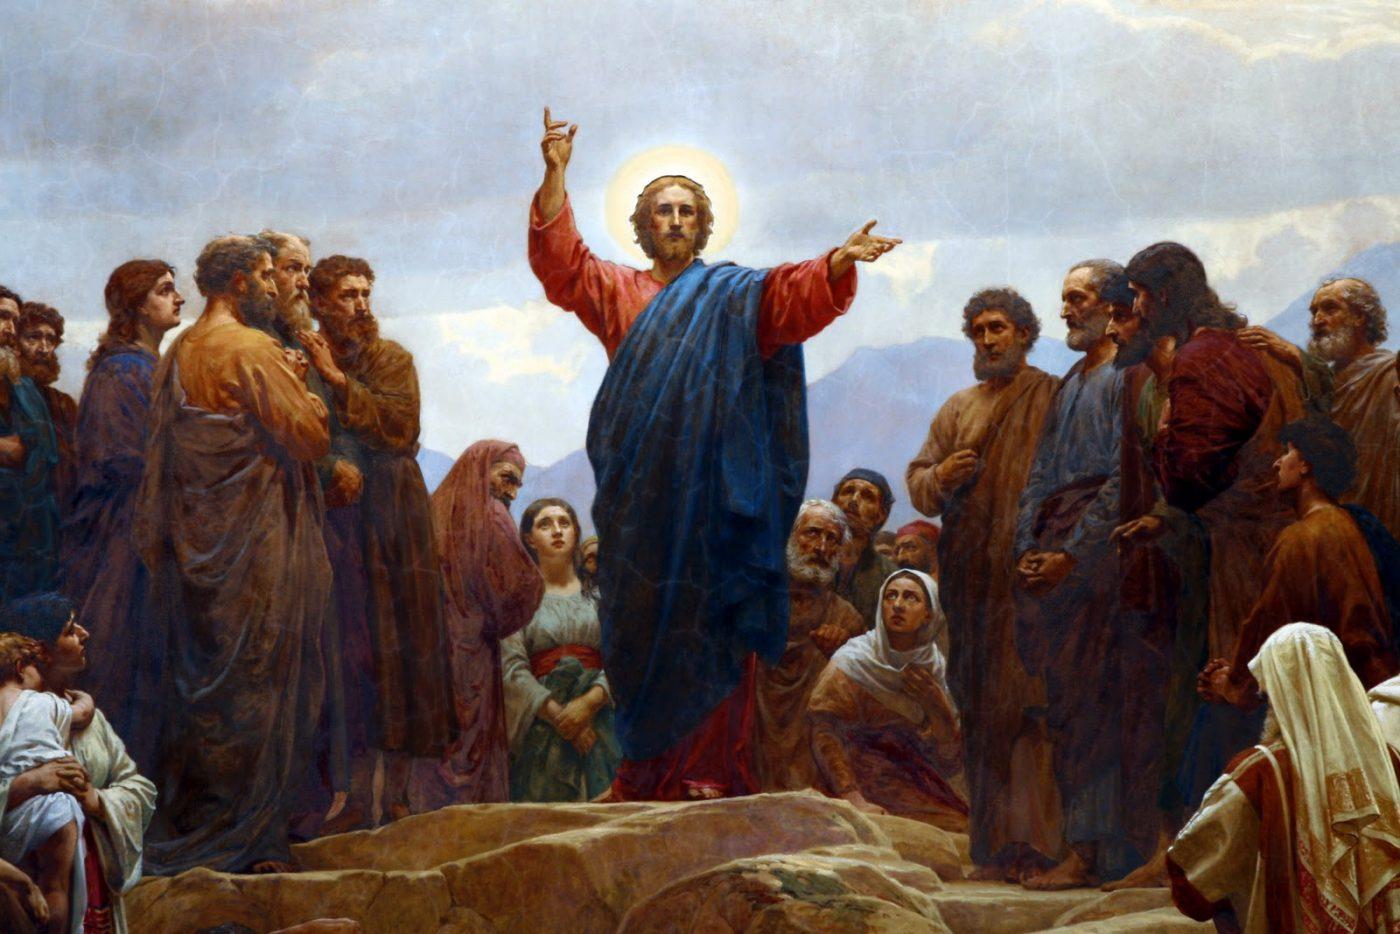 Koji veliki nalog su vjernici dobili od Isusa?